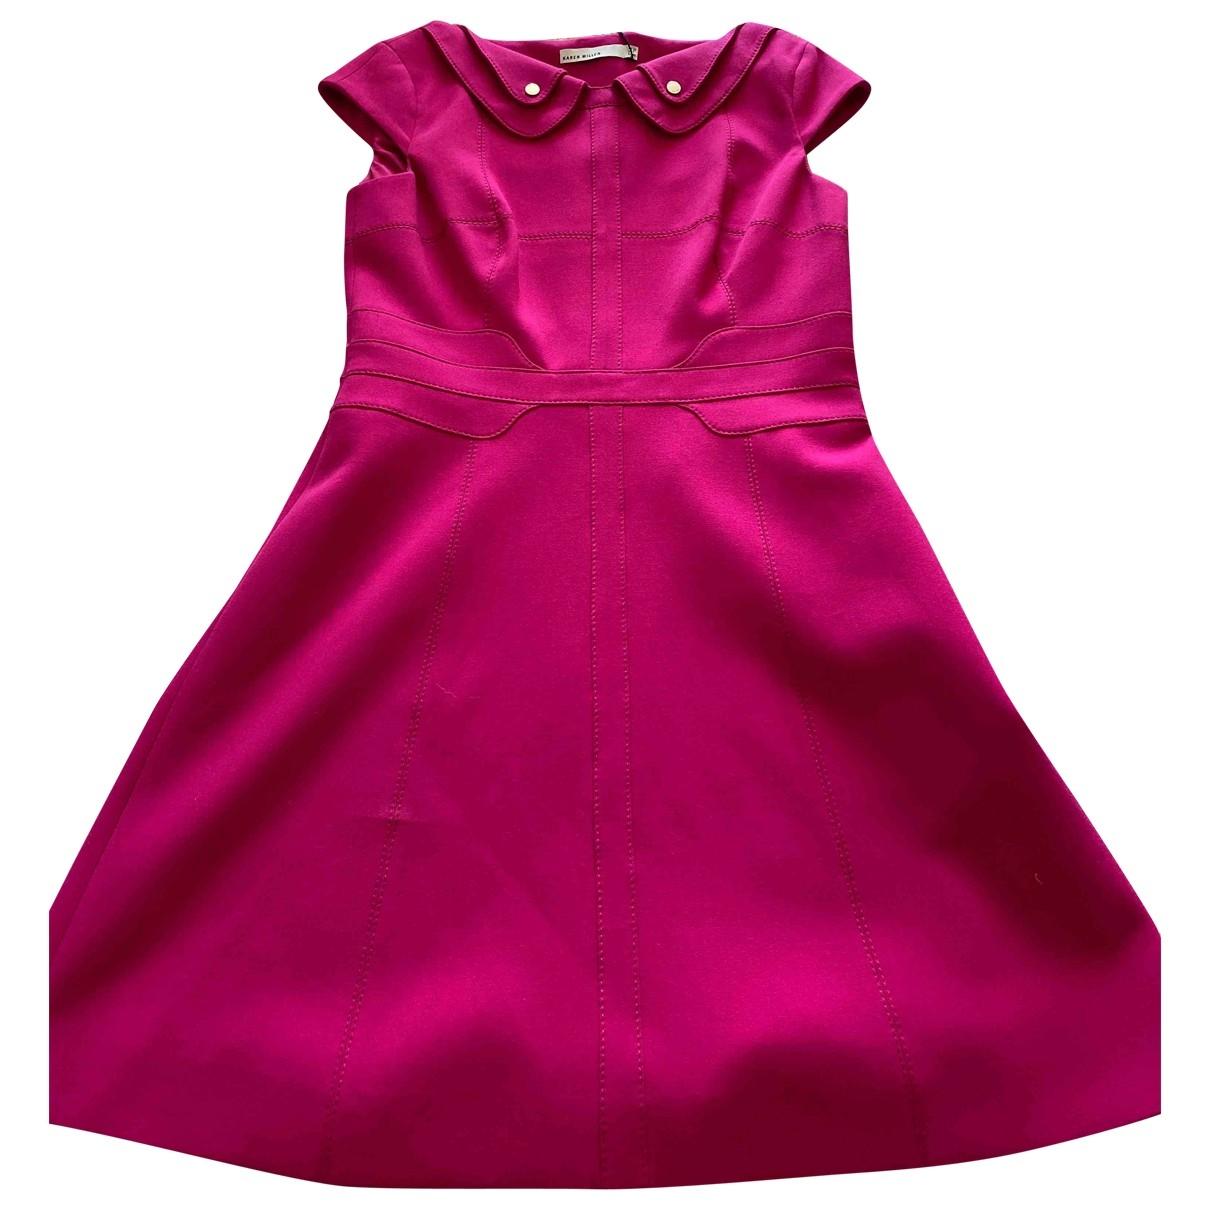 Karen Millen \N Pink dress for Women 12 UK